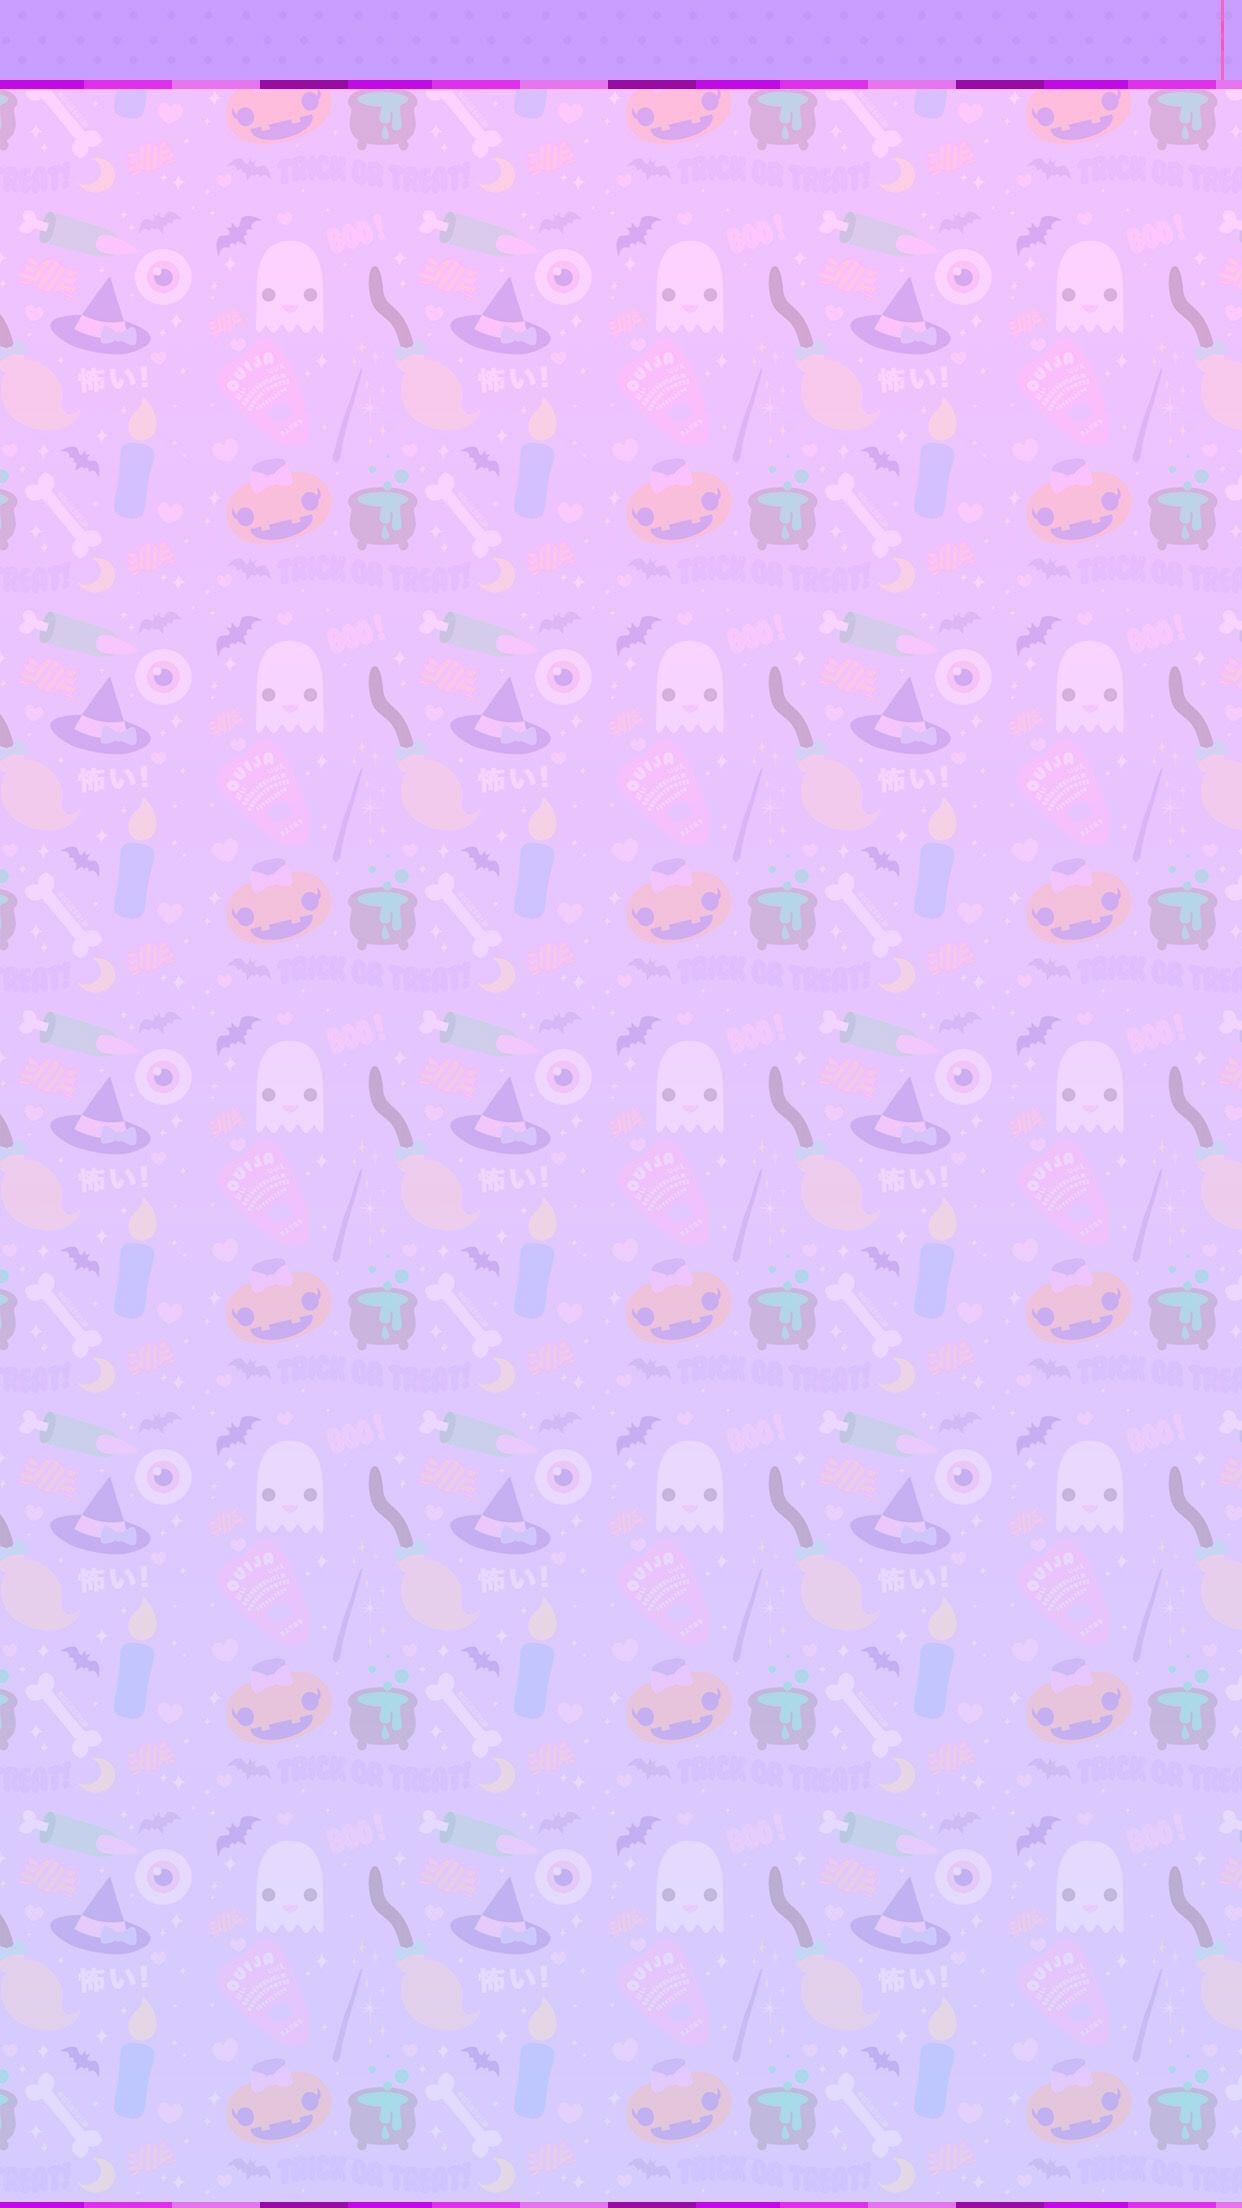 Cute Halloween Wallpaper Halloween Wallpaper Cute Wallpaper Backgrounds Holiday Wallpaper